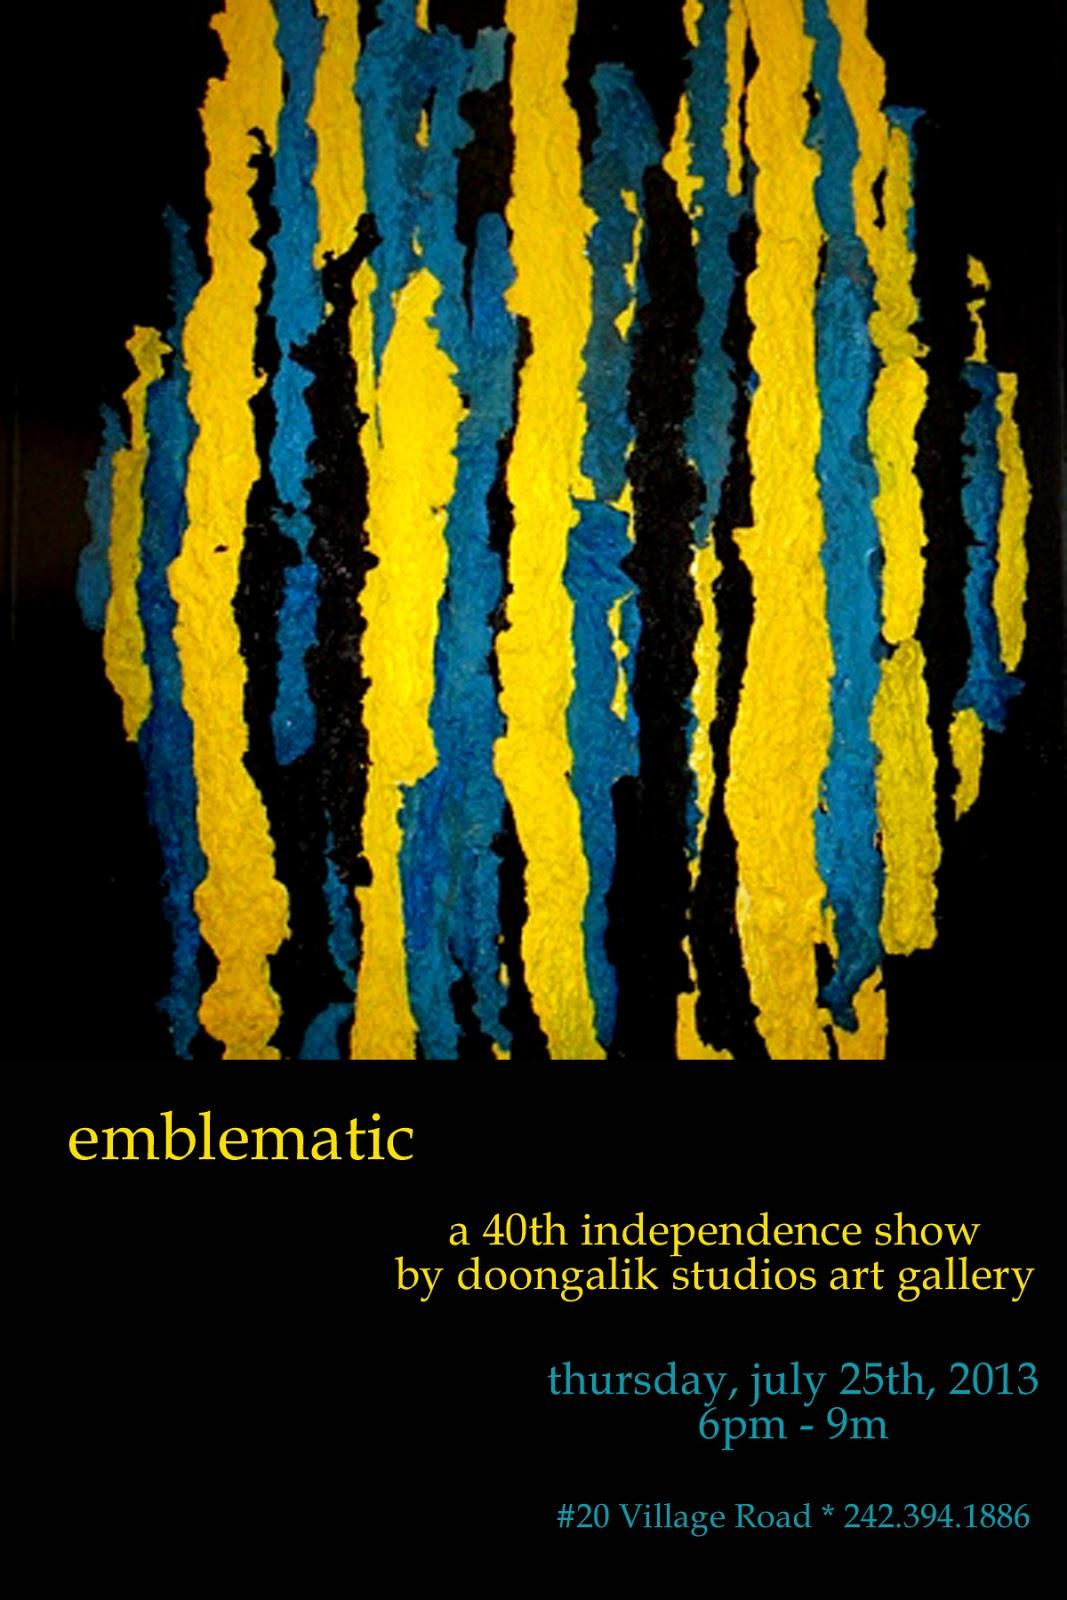 Emblematic